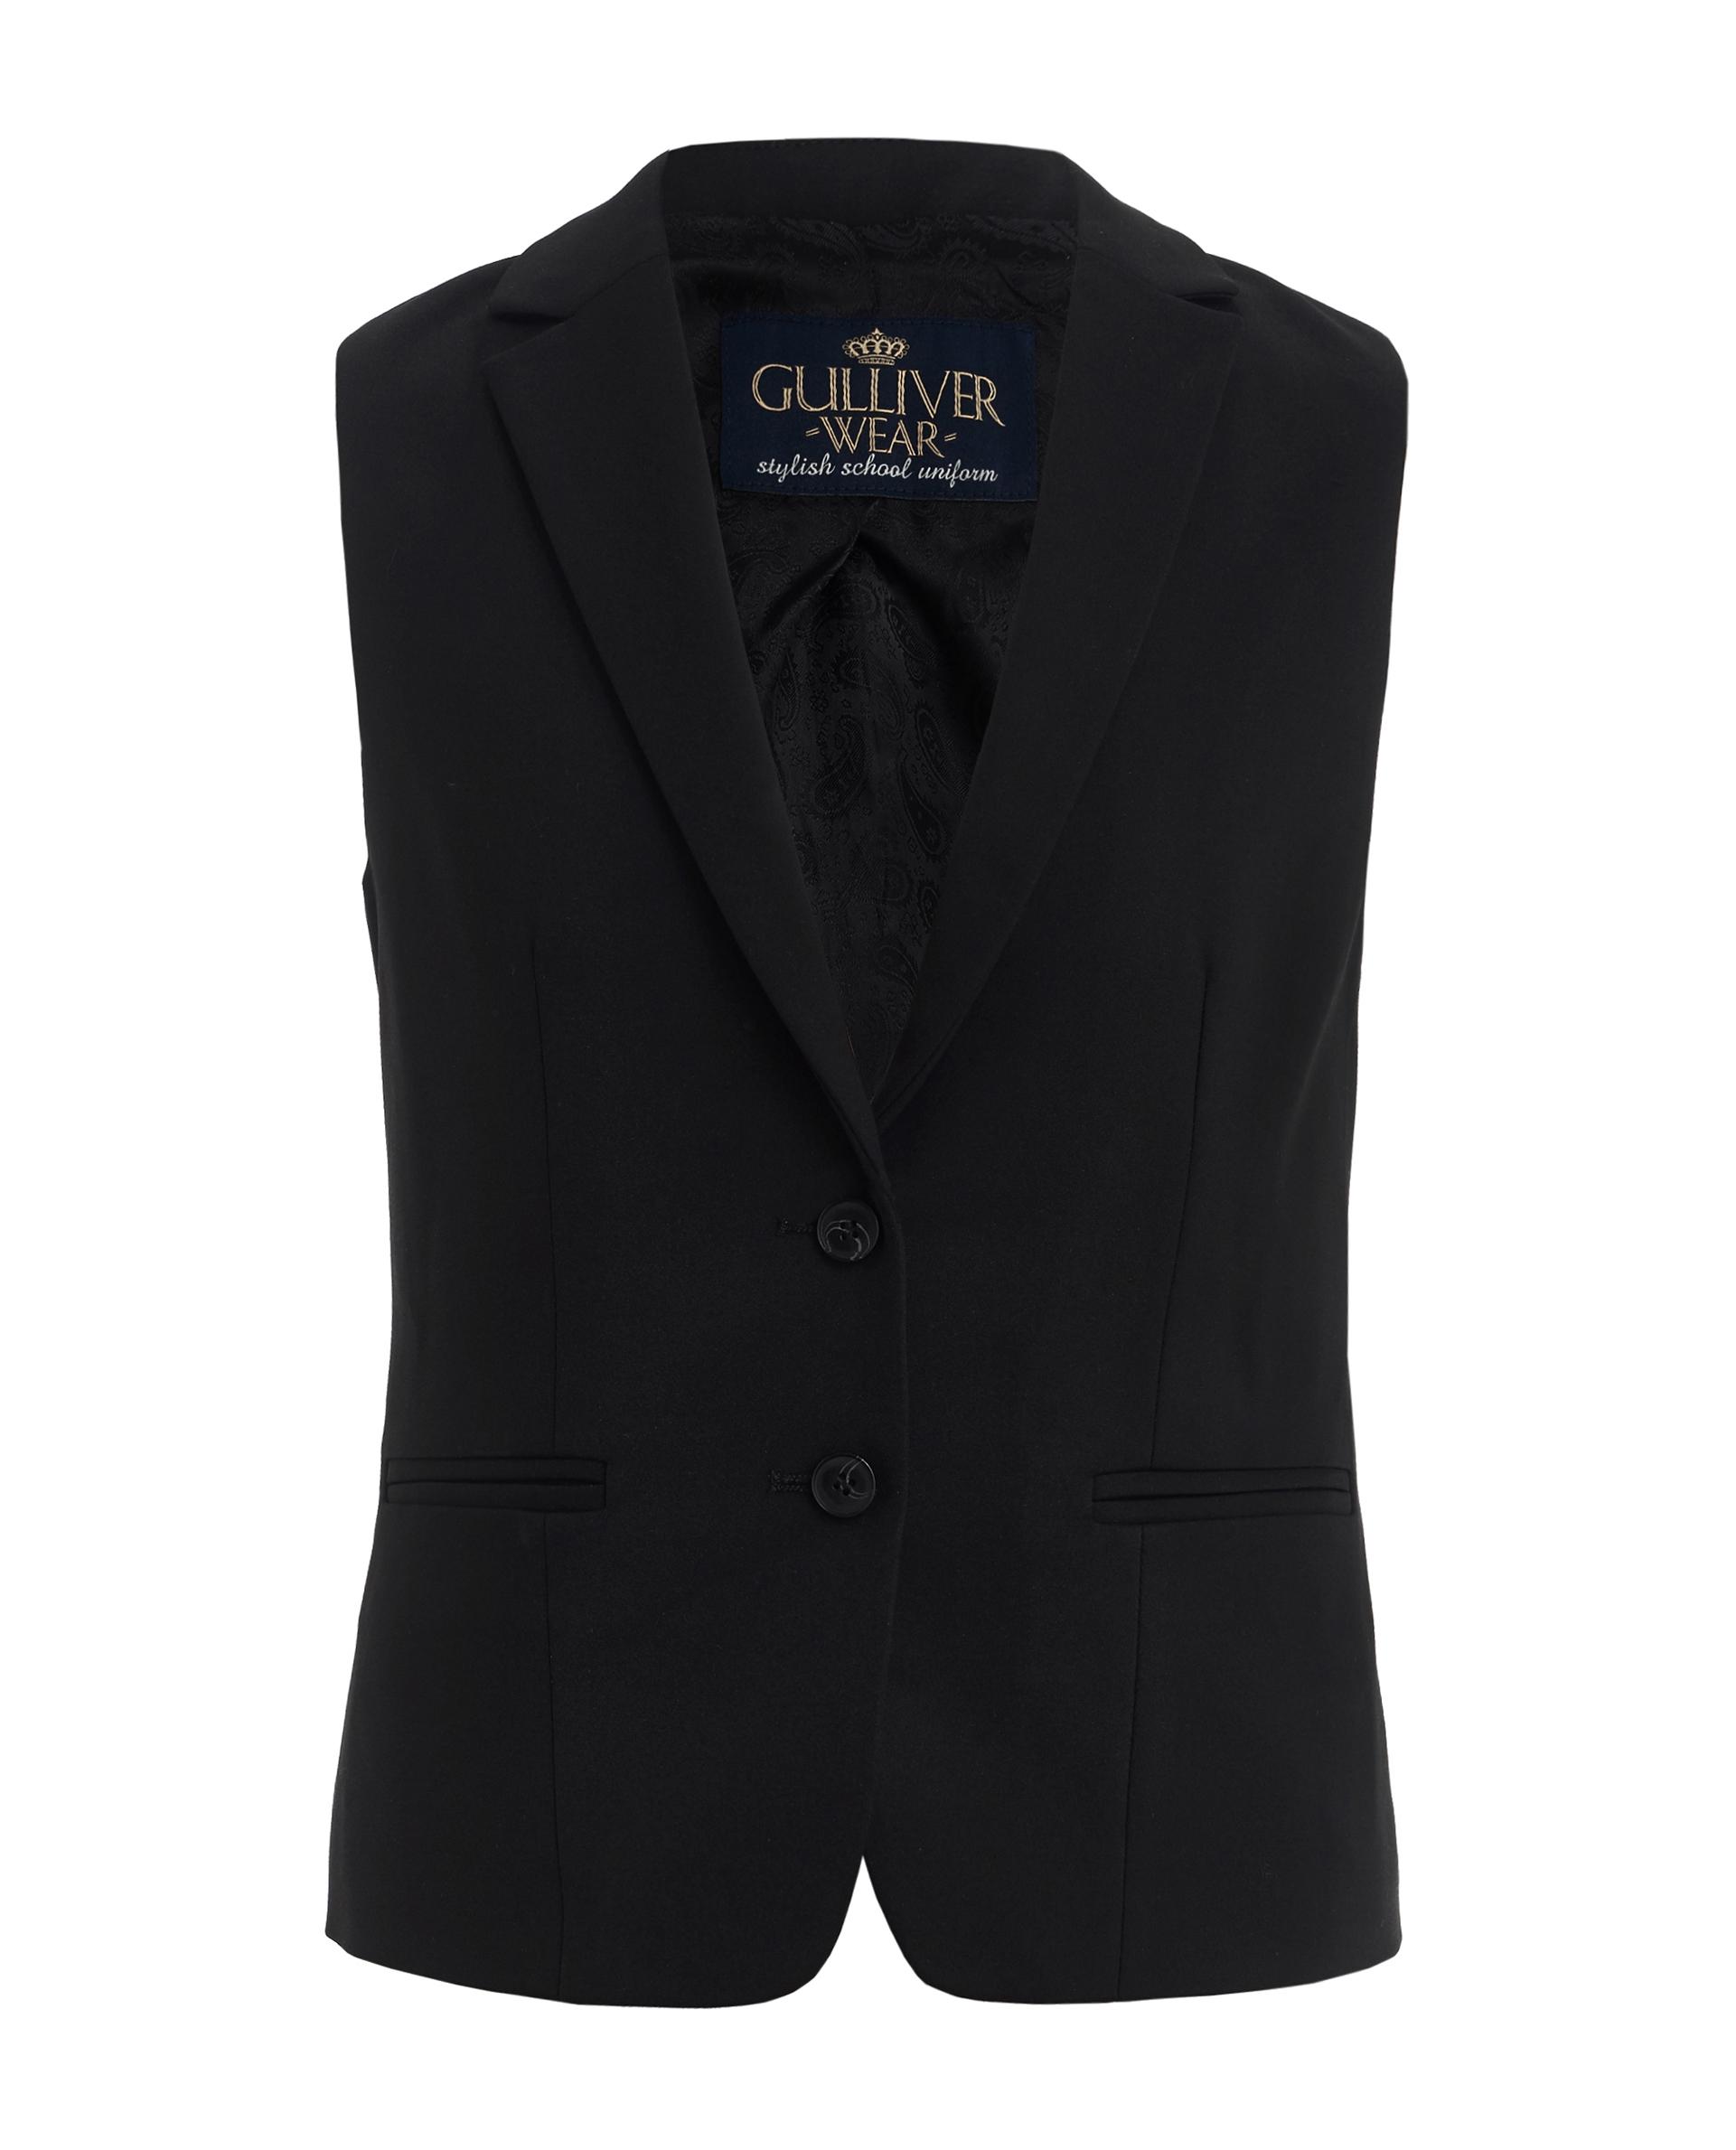 Купить 219GSGC4701, Черный жилет Gulliver, черный, 170, Женский, ШКОЛЬНАЯ ФОРМА 2019-2020 (shop: GulliverMarket Gulliver Market)